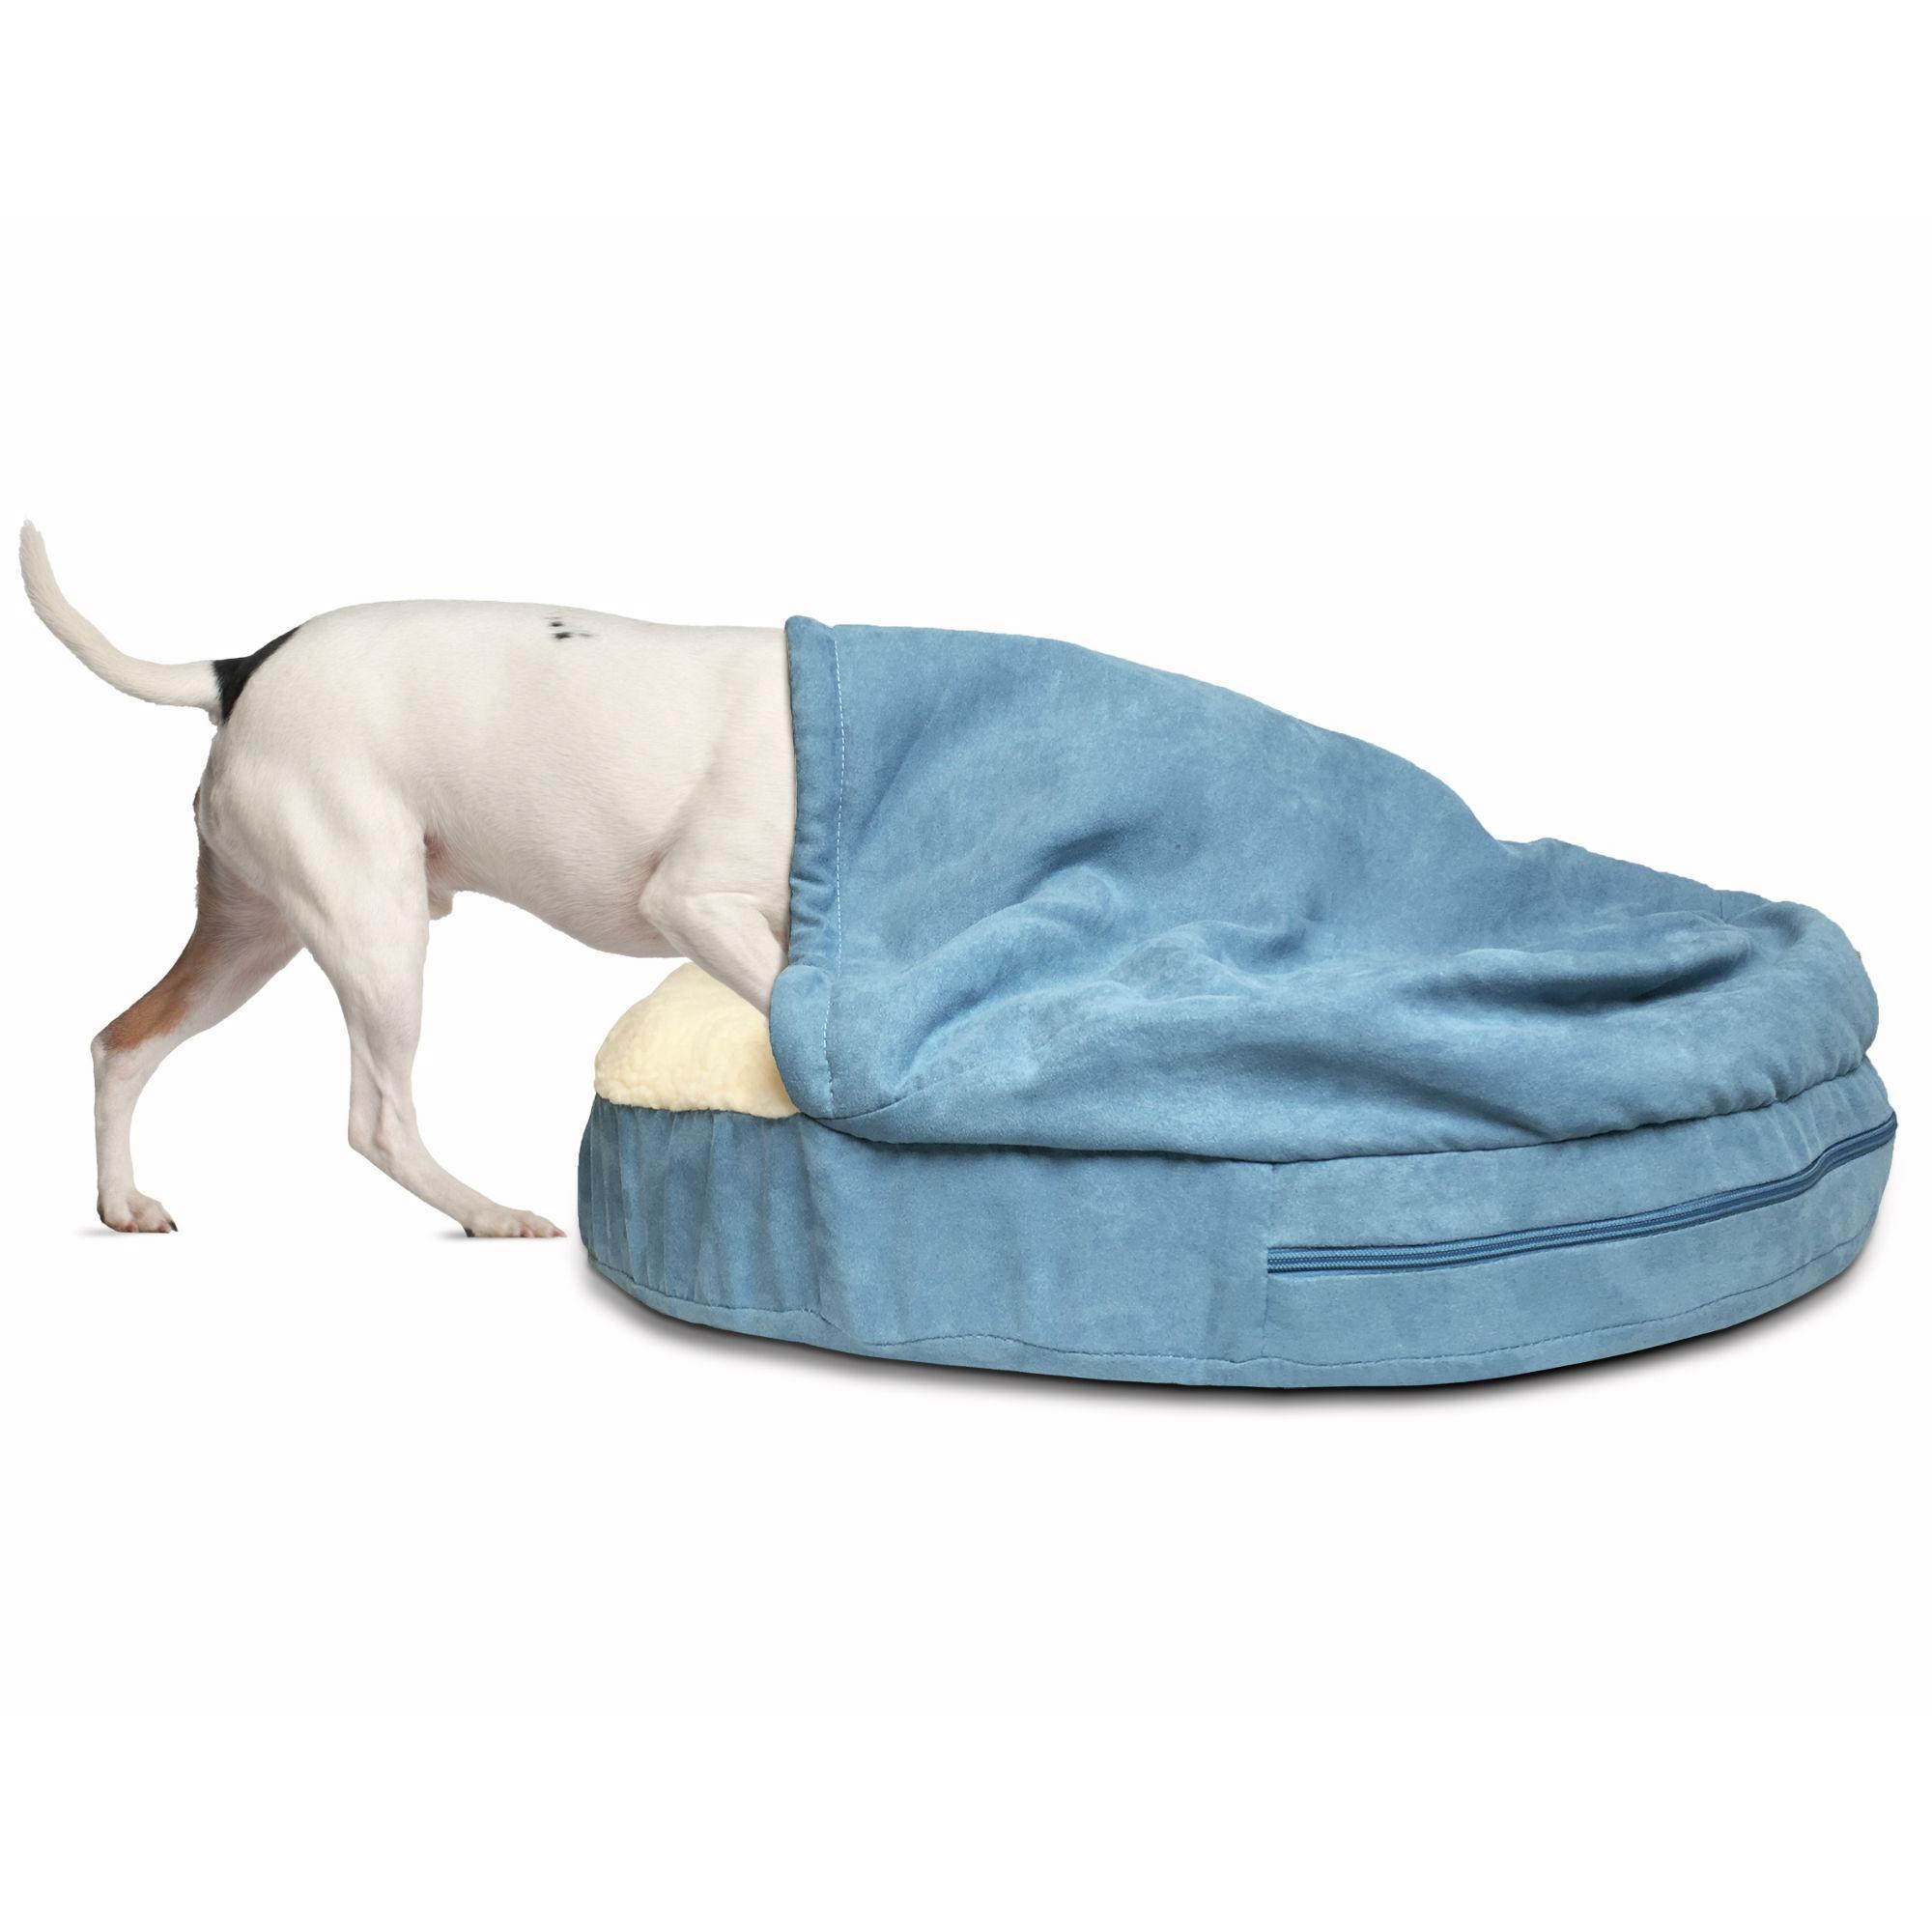 Furhaven Faux Sheepskin Snuggery Pet Bed - Blue